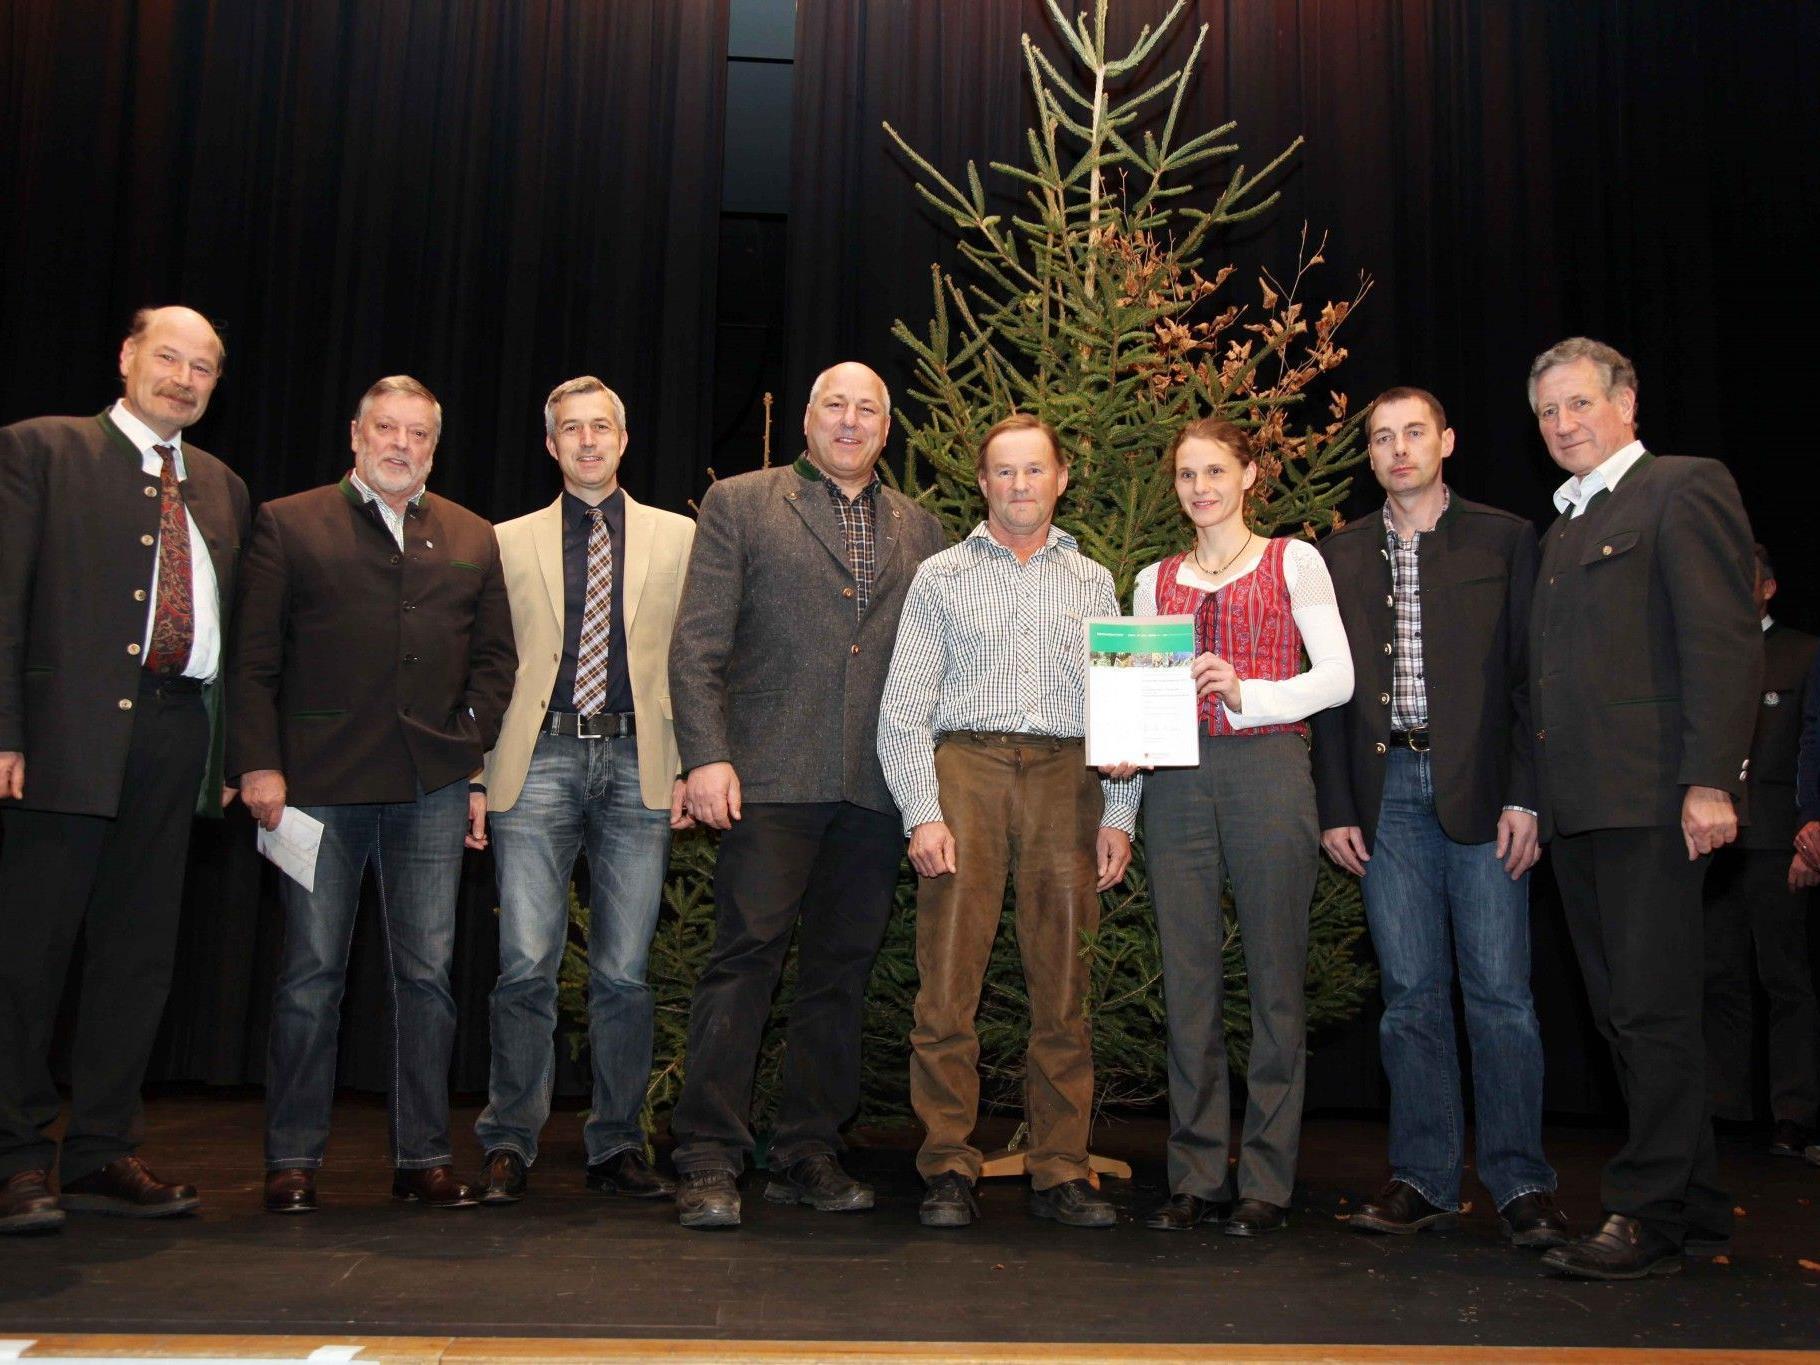 Der Stand Montafon Forstfonds wurde mit dem Vorarlberger Schutzwaldpreis 2012 ausgezeichnet.